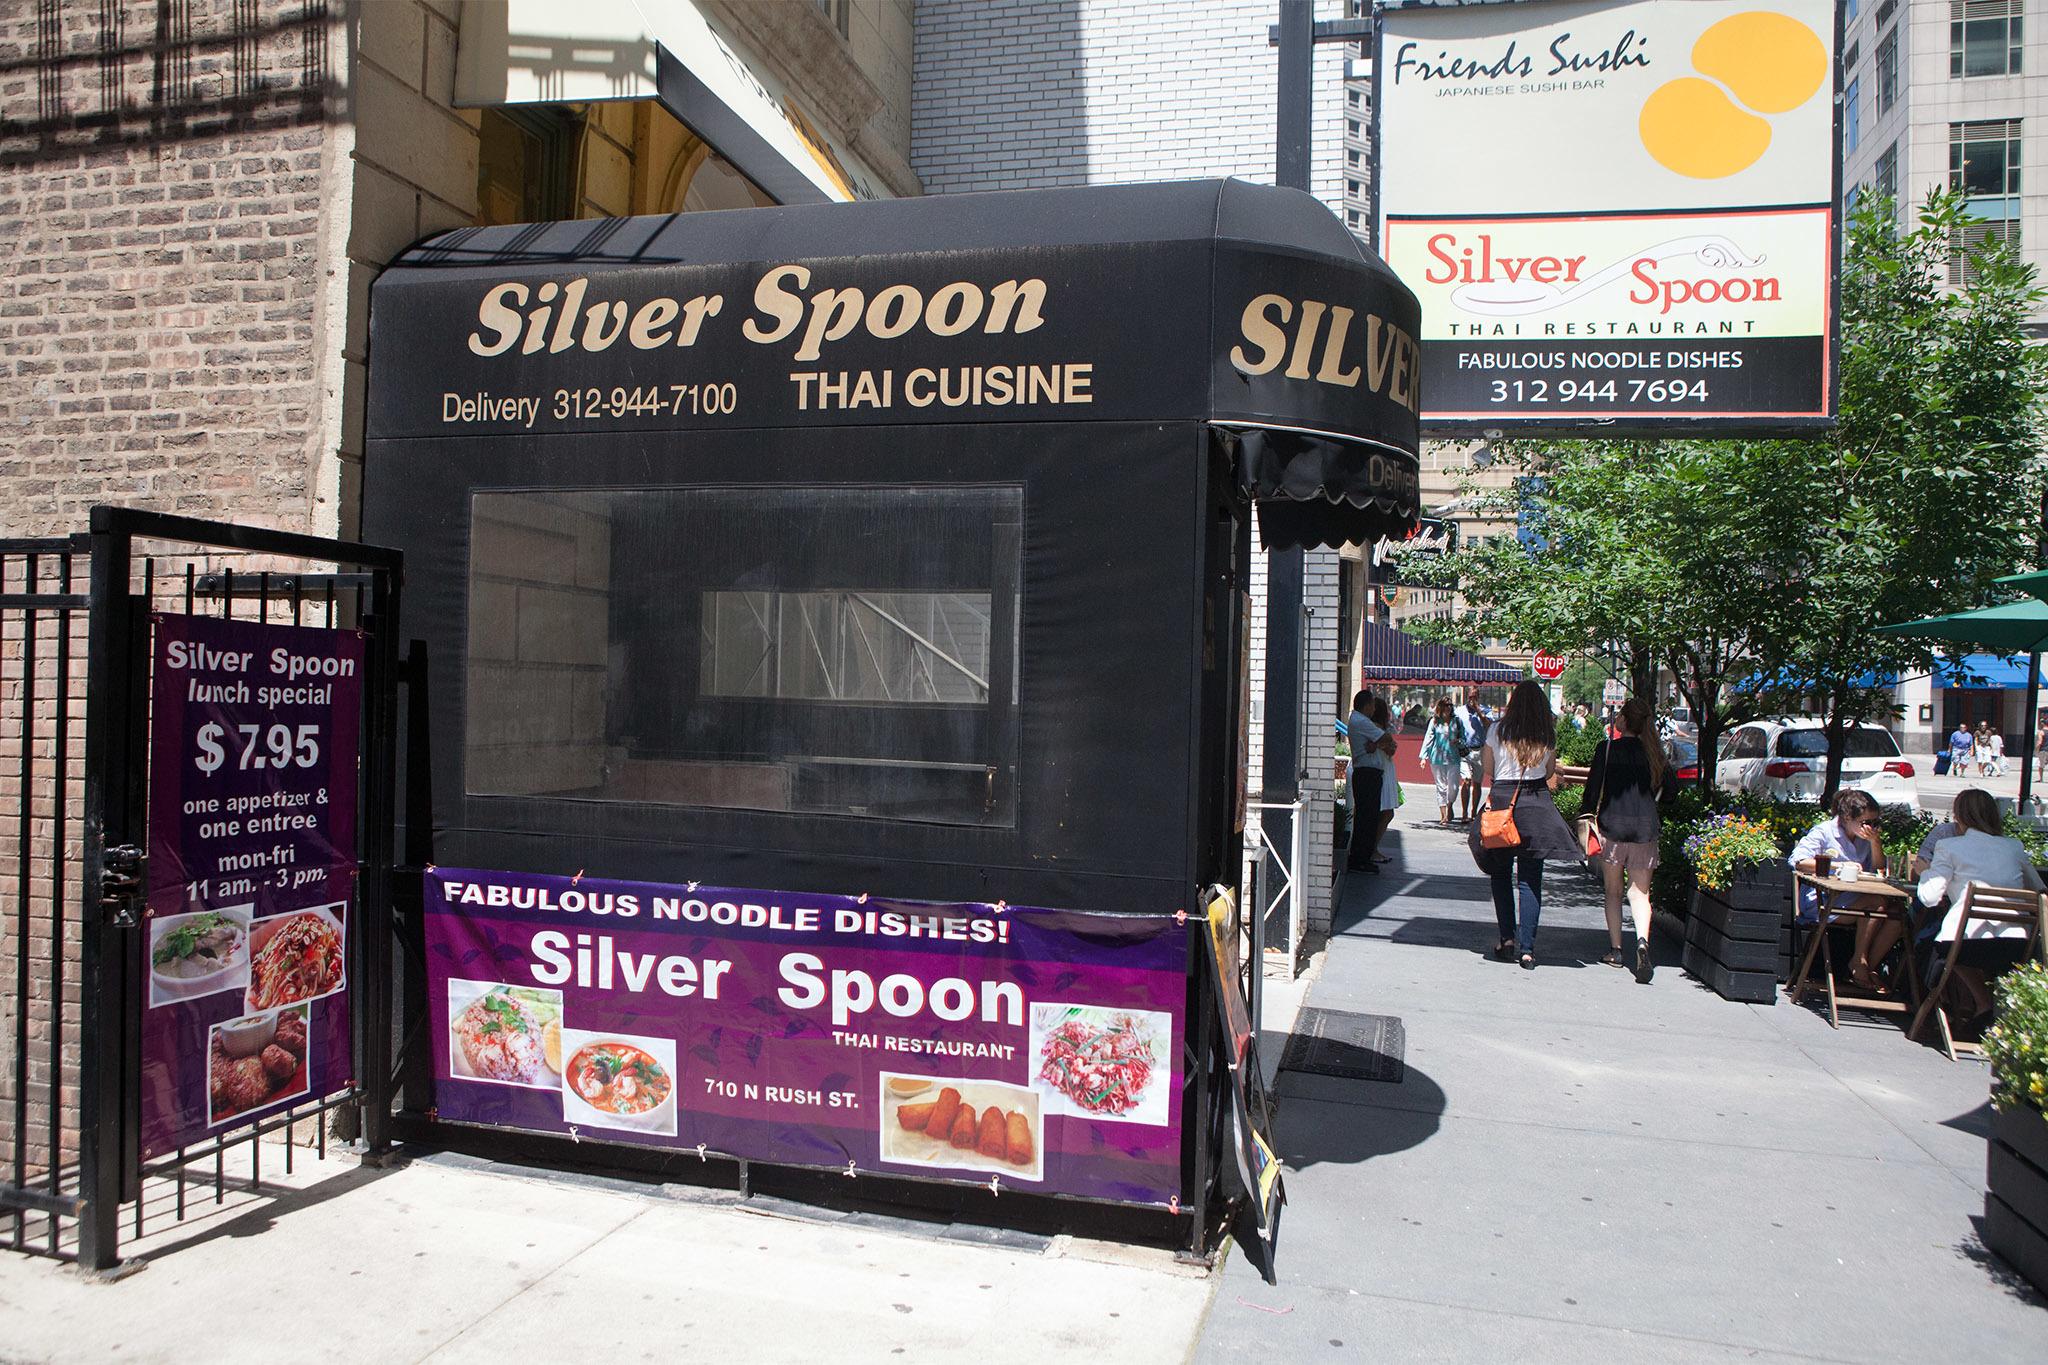 SilverSpoon.venue.jpg